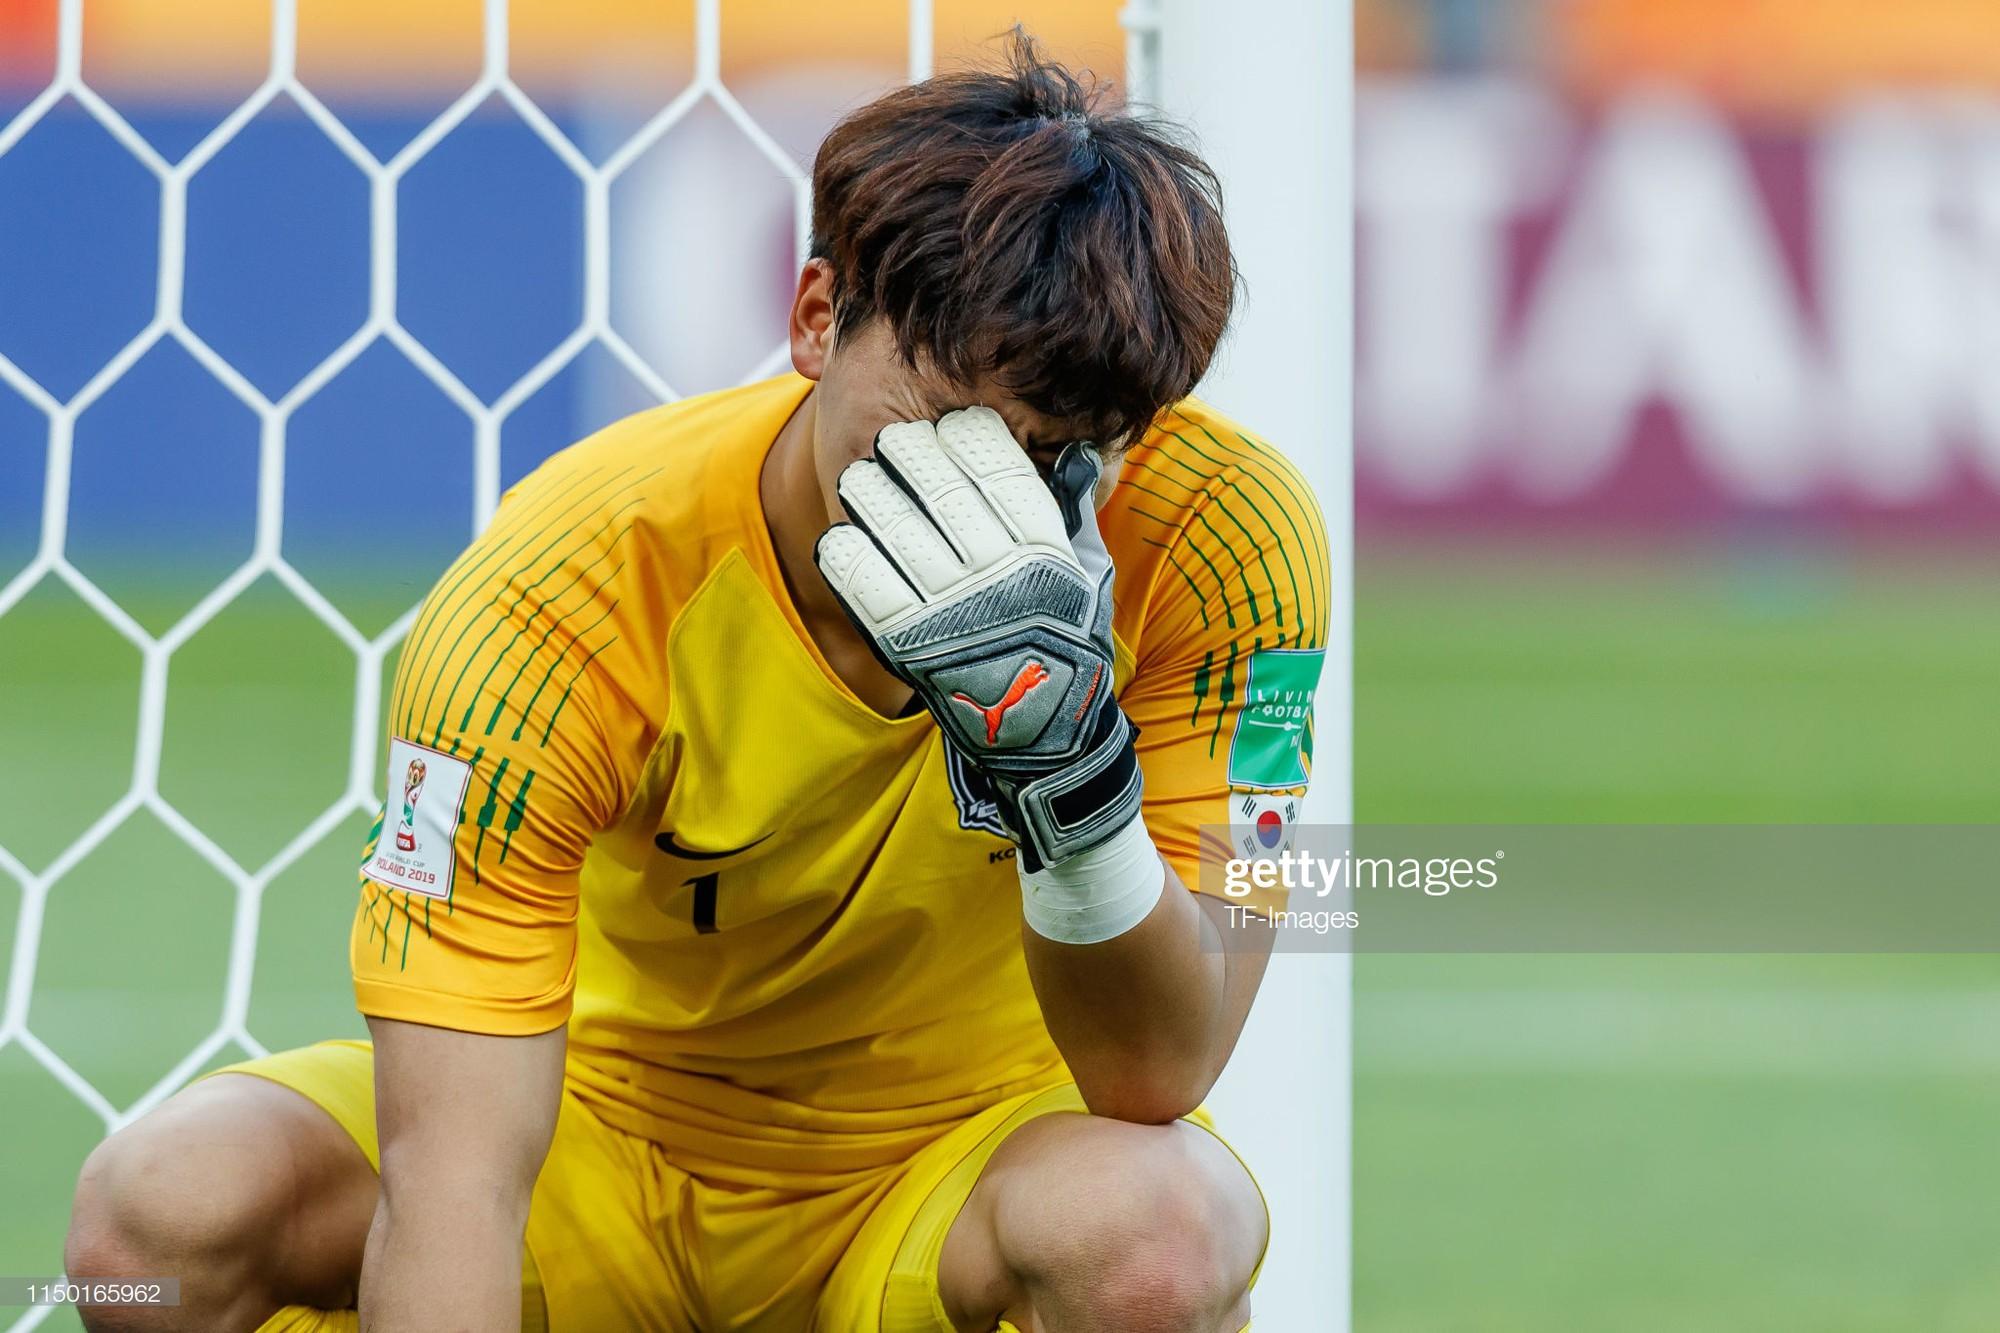 Đội bóng quê hương HLV Park Hang-seo ôm nhau khóc nấc khi thua ngược ở chung kết đấu trường World Cup - Ảnh 10.